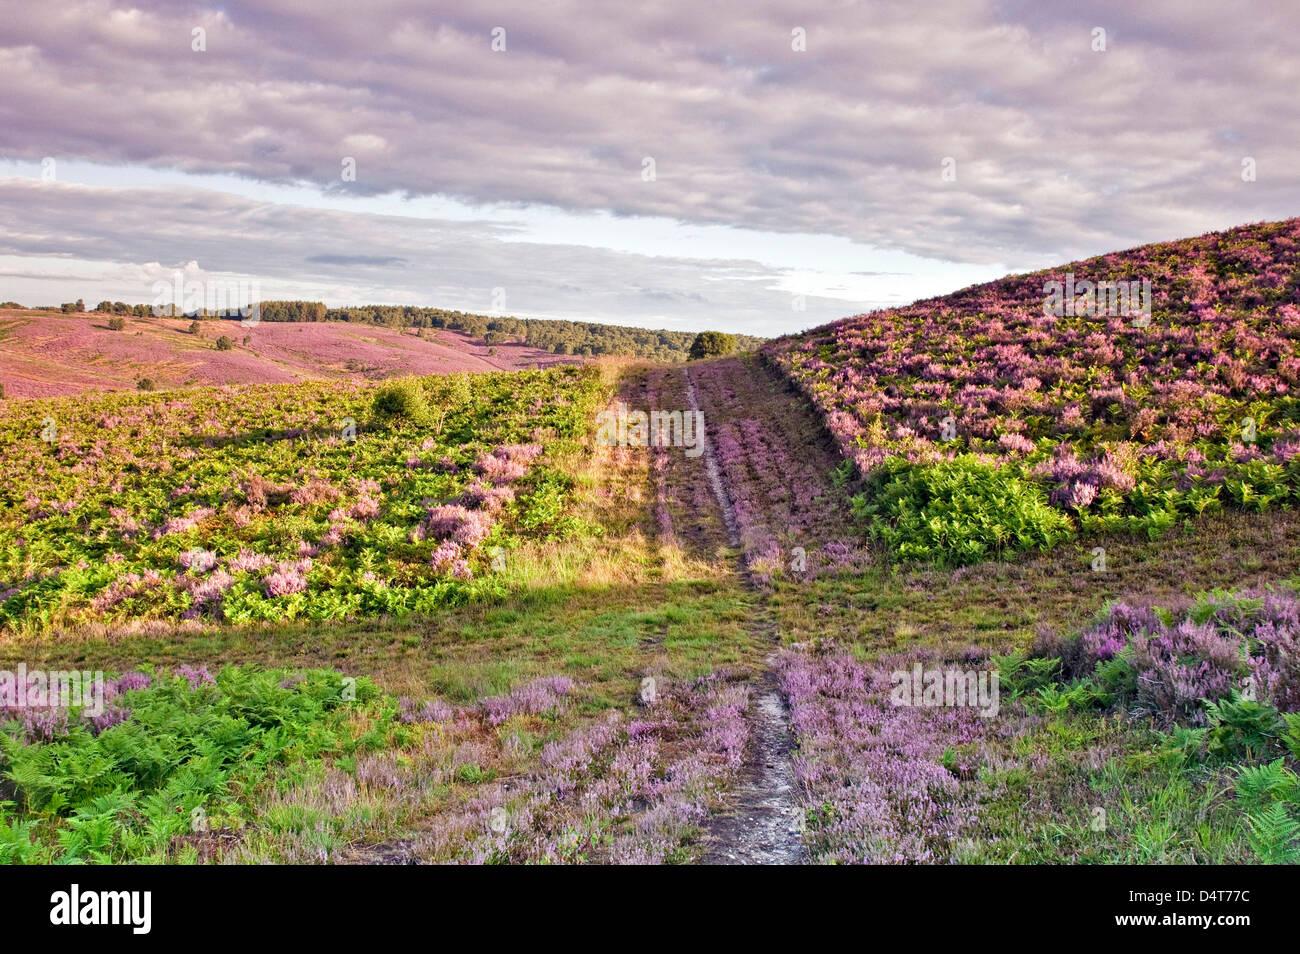 Ruta a través de brezo en flor brezales hills vistas hacia el Valle en verano Sherbrook Cannock Chase Country Imagen De Stock